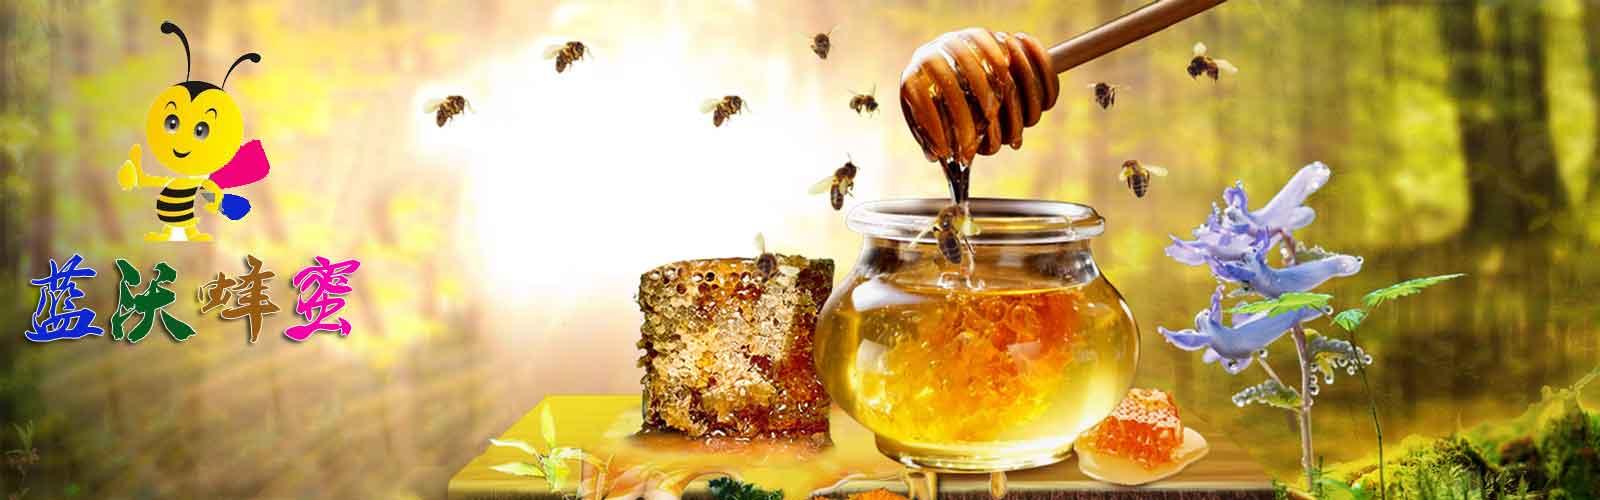 黑龙江黑蜂蜂蜜东北椴树蜜就找蓝沃蜂蜜生产批发商